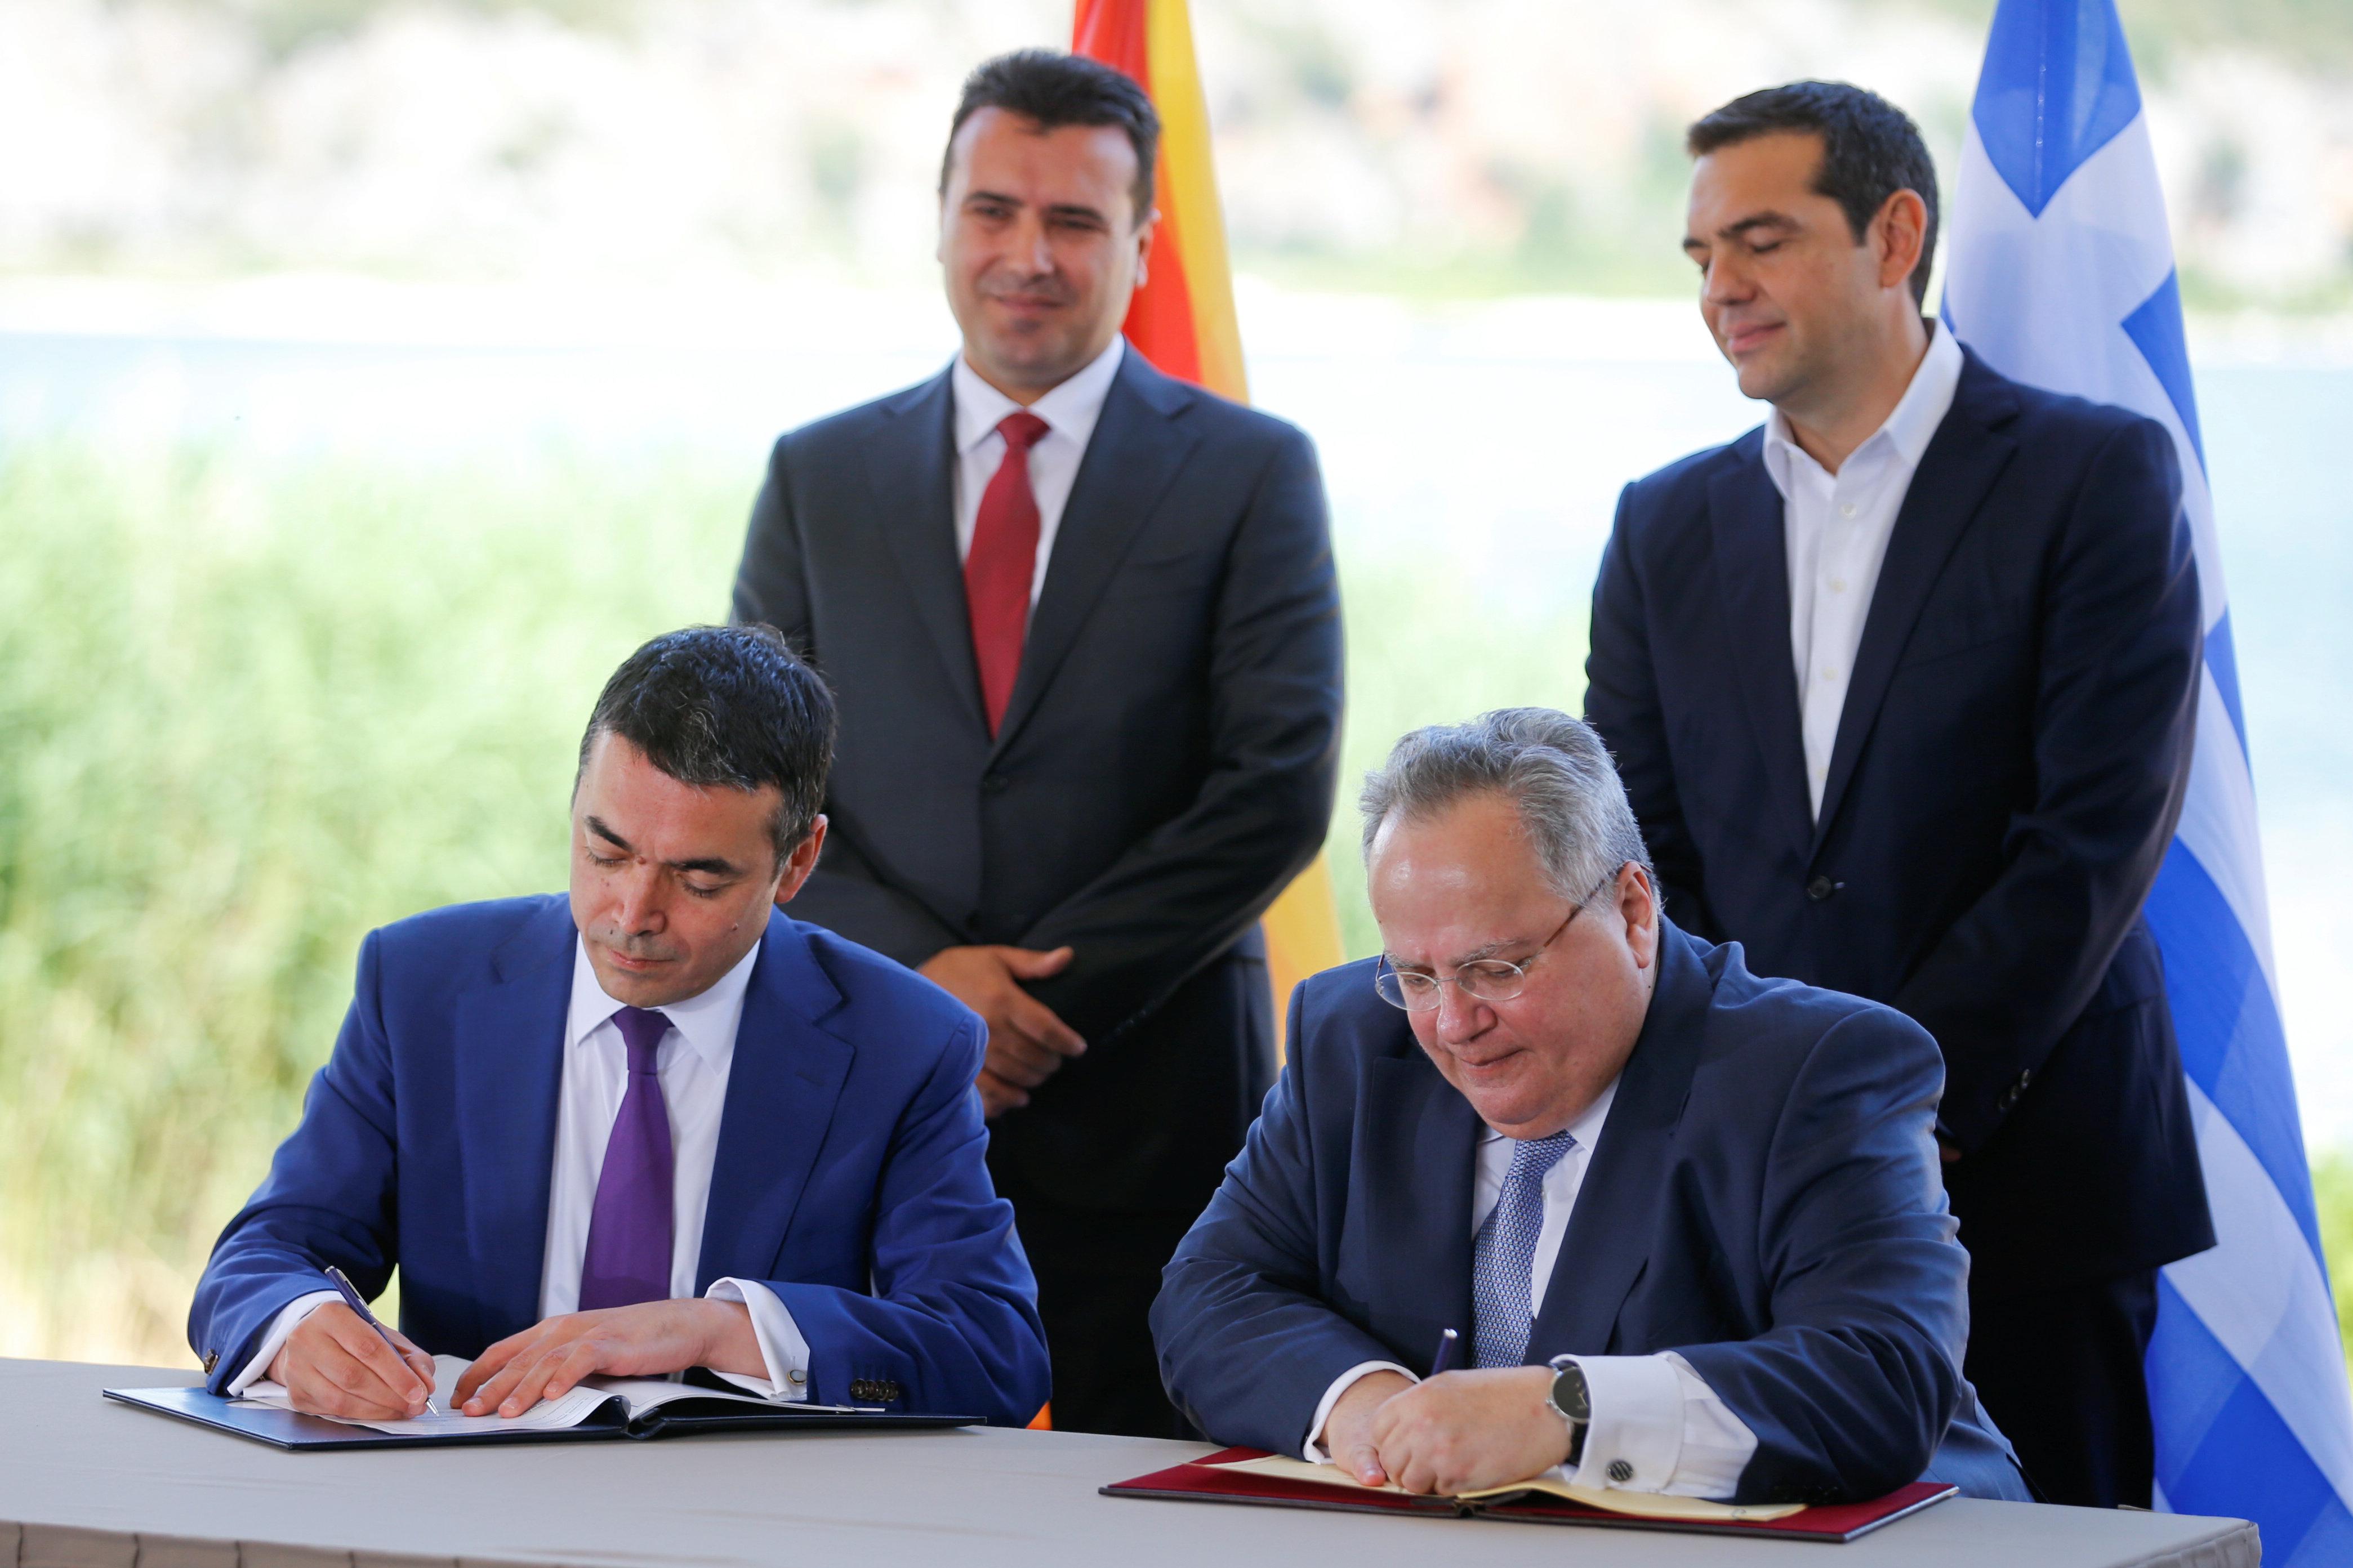 Περισσότερες από 320 προσωπικότητες της πολιτικής, της διανόησης και των Τεχνών υπογράφουν κείμενο υπέρ της Συμφωνίας των Πρε...